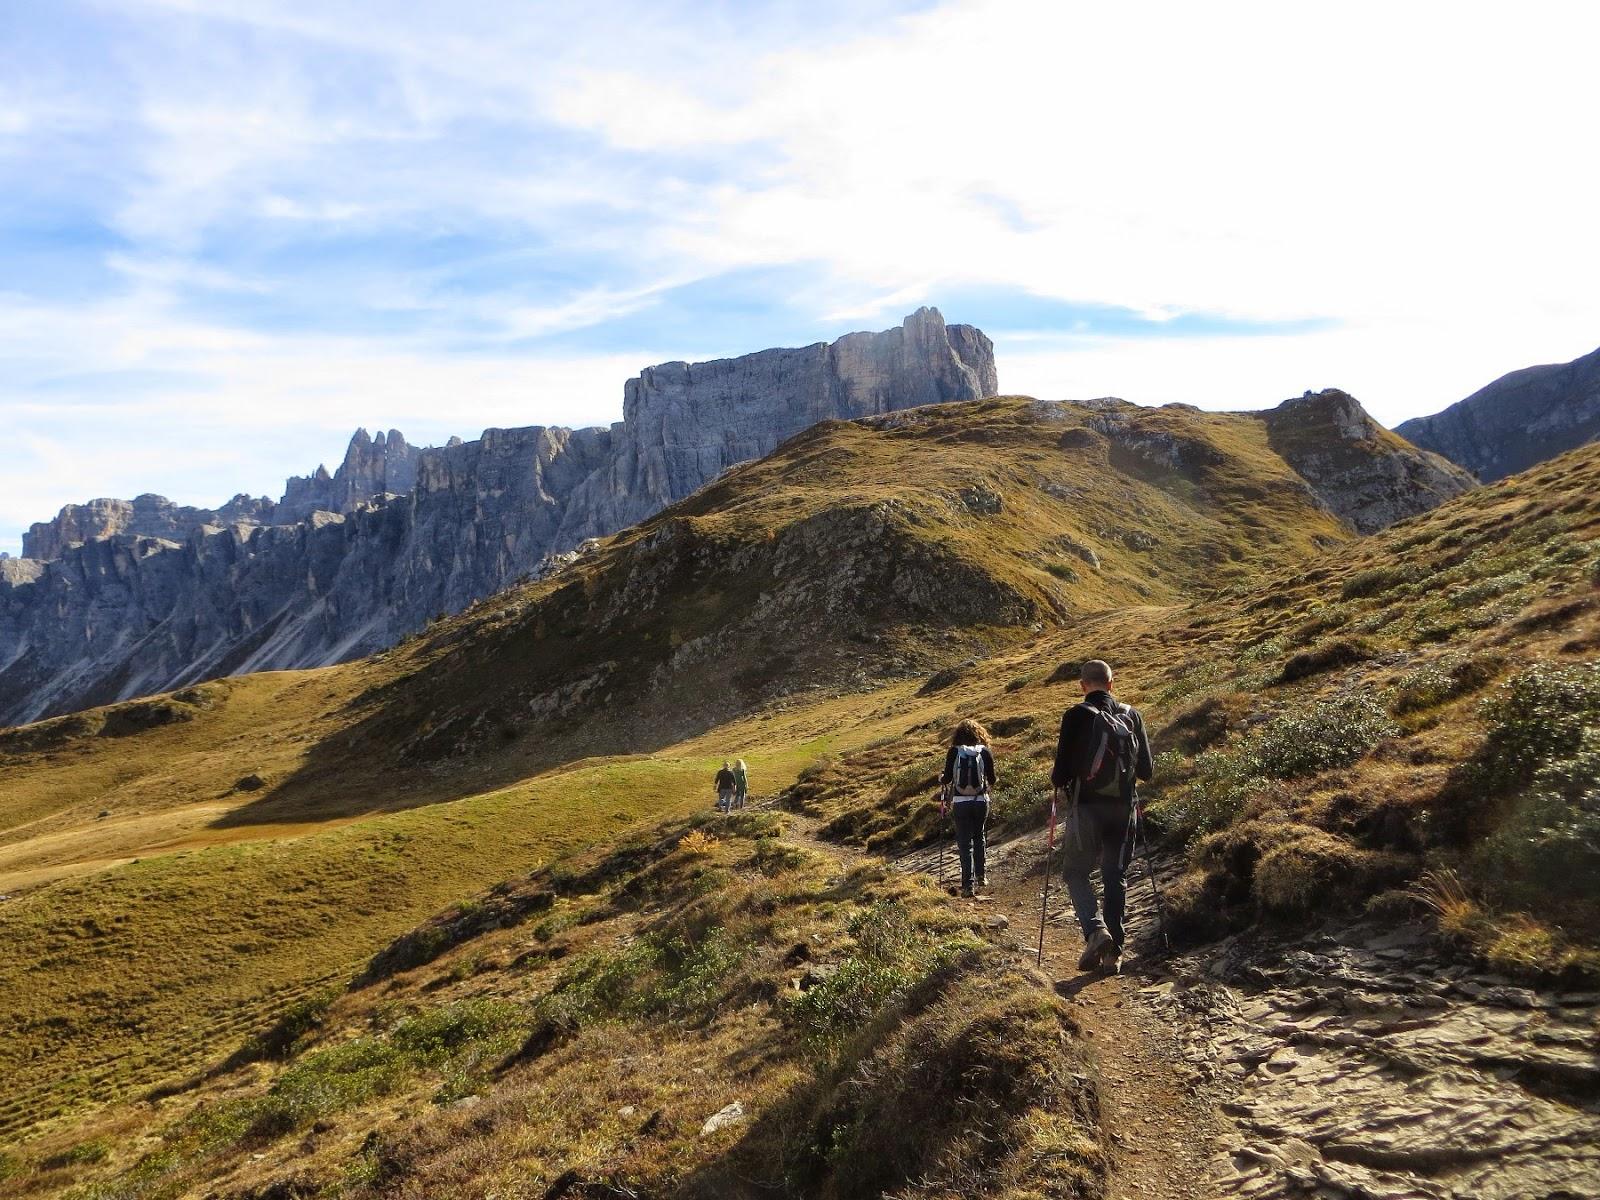 escursione a mondeval da passo giau